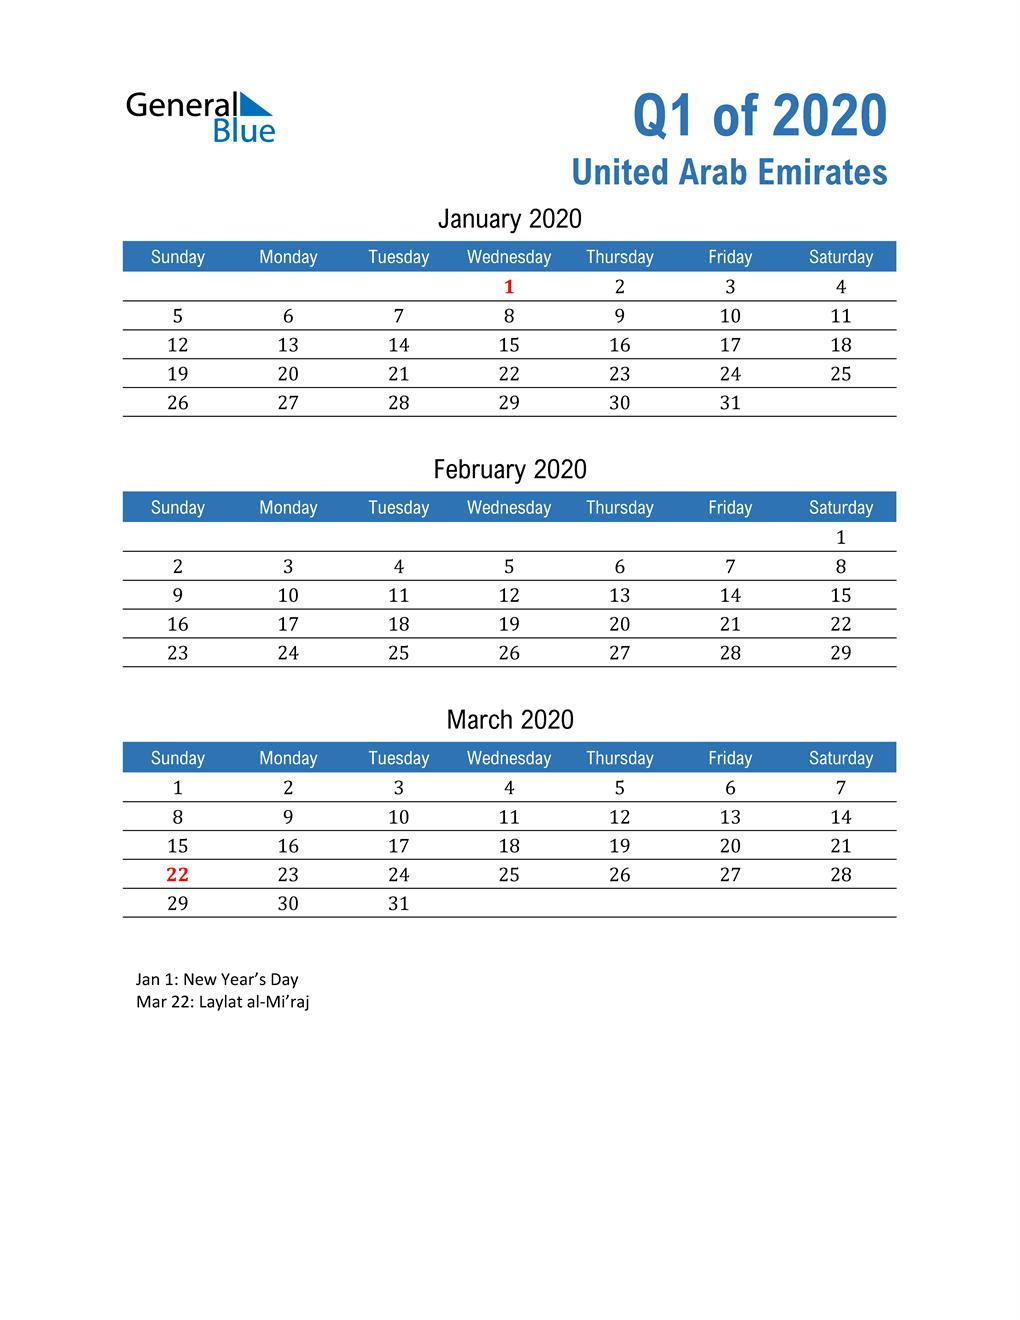 United Arab Emirates 2020 Quarterly Calendar